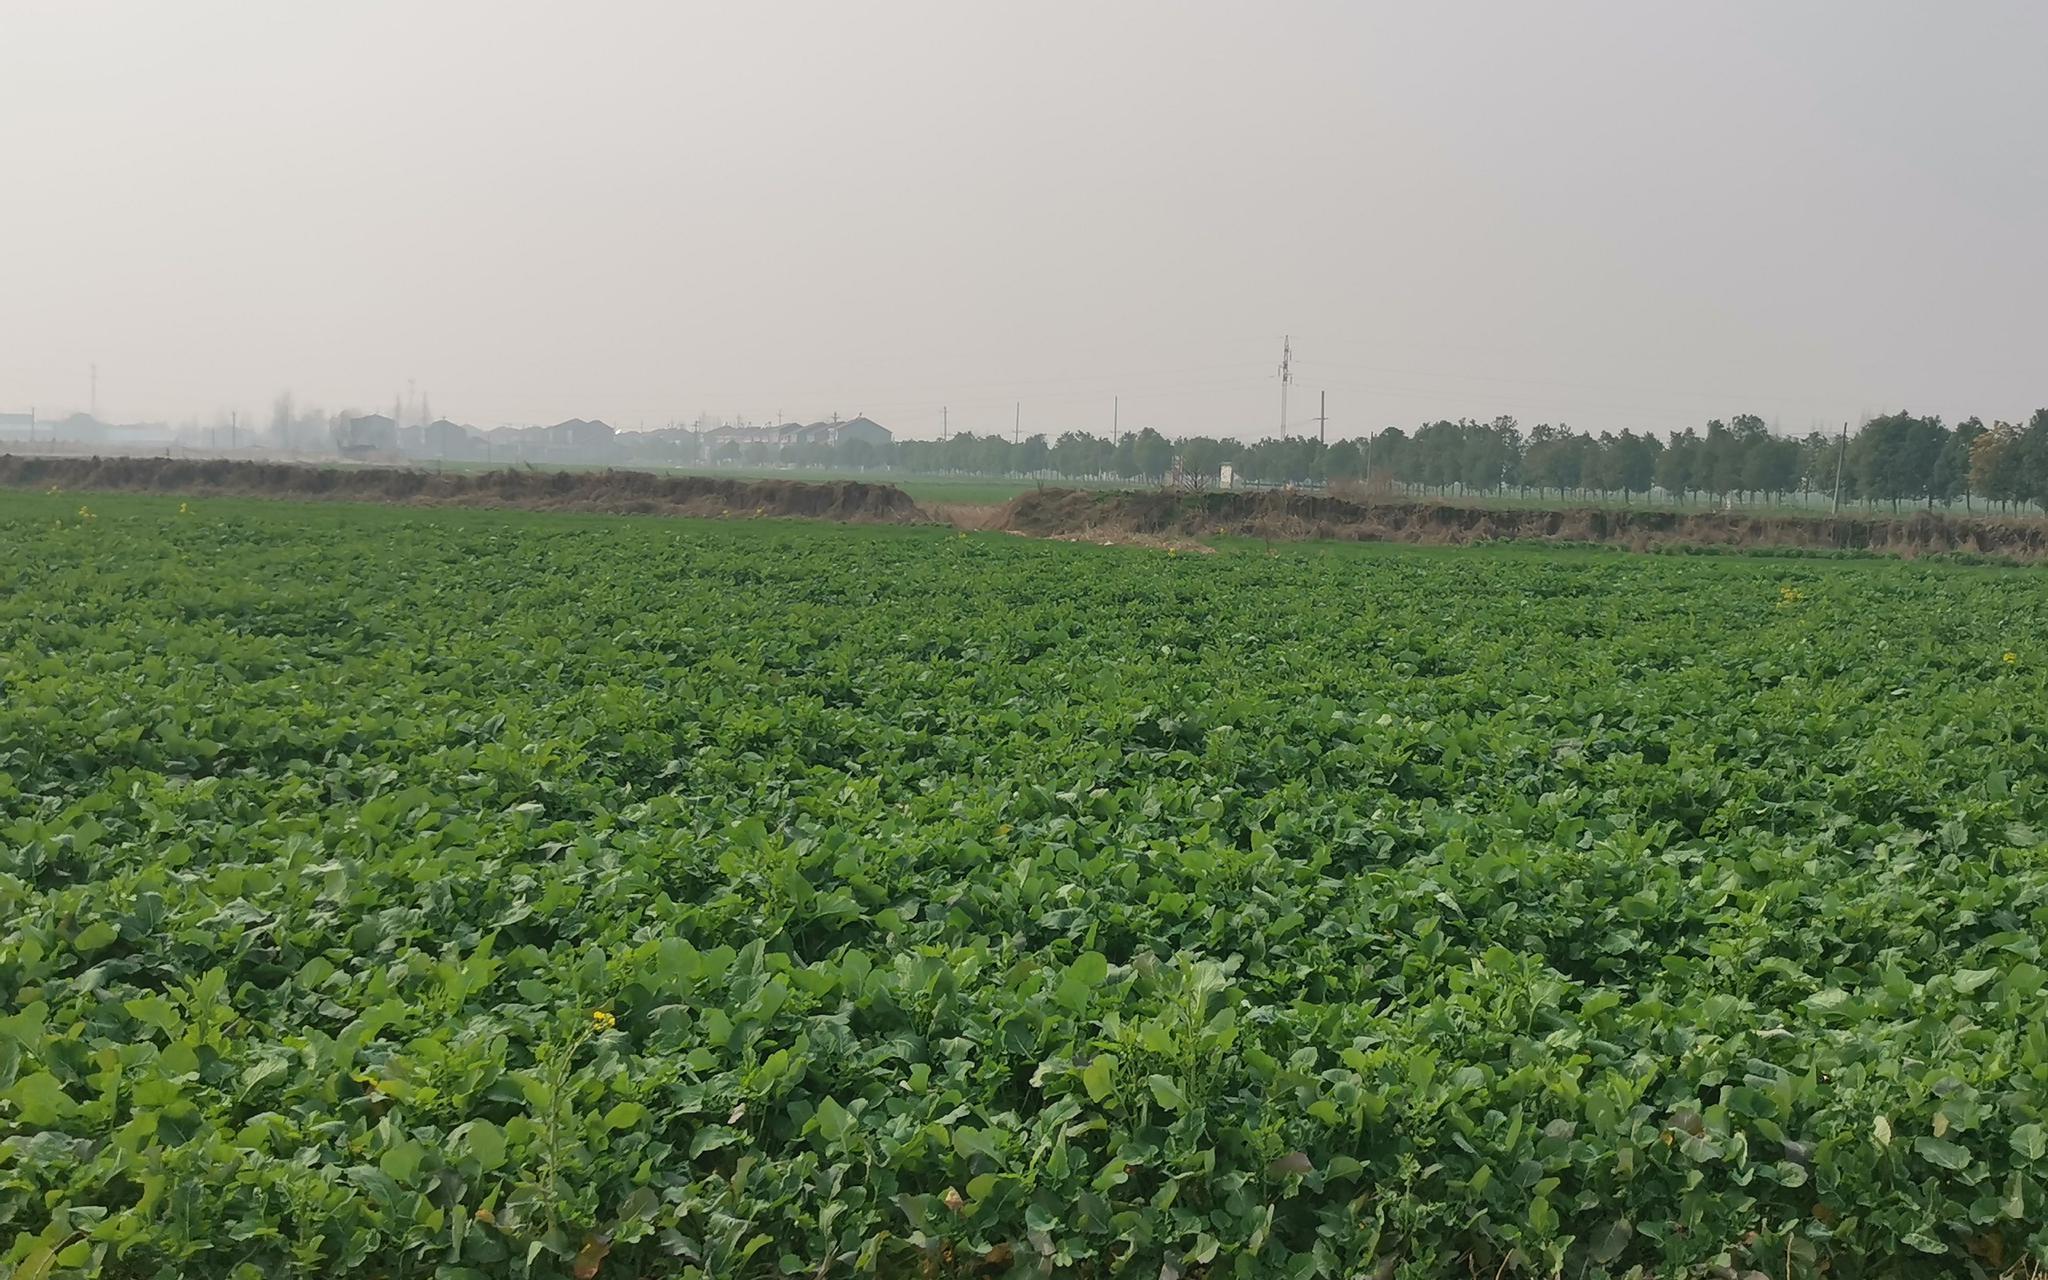 湖北杨渊村:老人戴着口罩干农活 地里白菜让返乡者安心图片